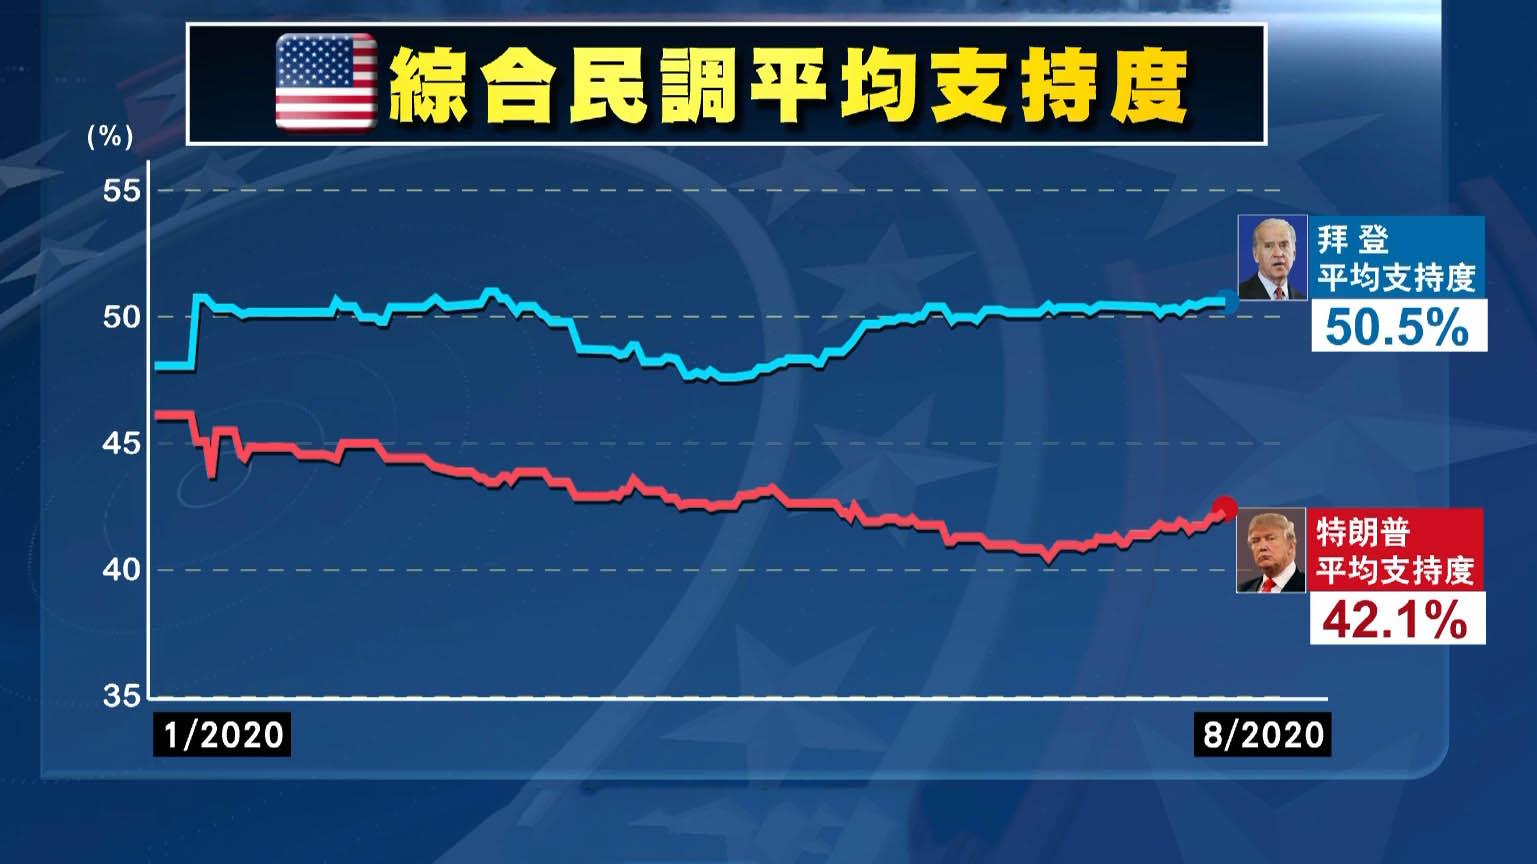 特朗普民調平均支持度落後拜登